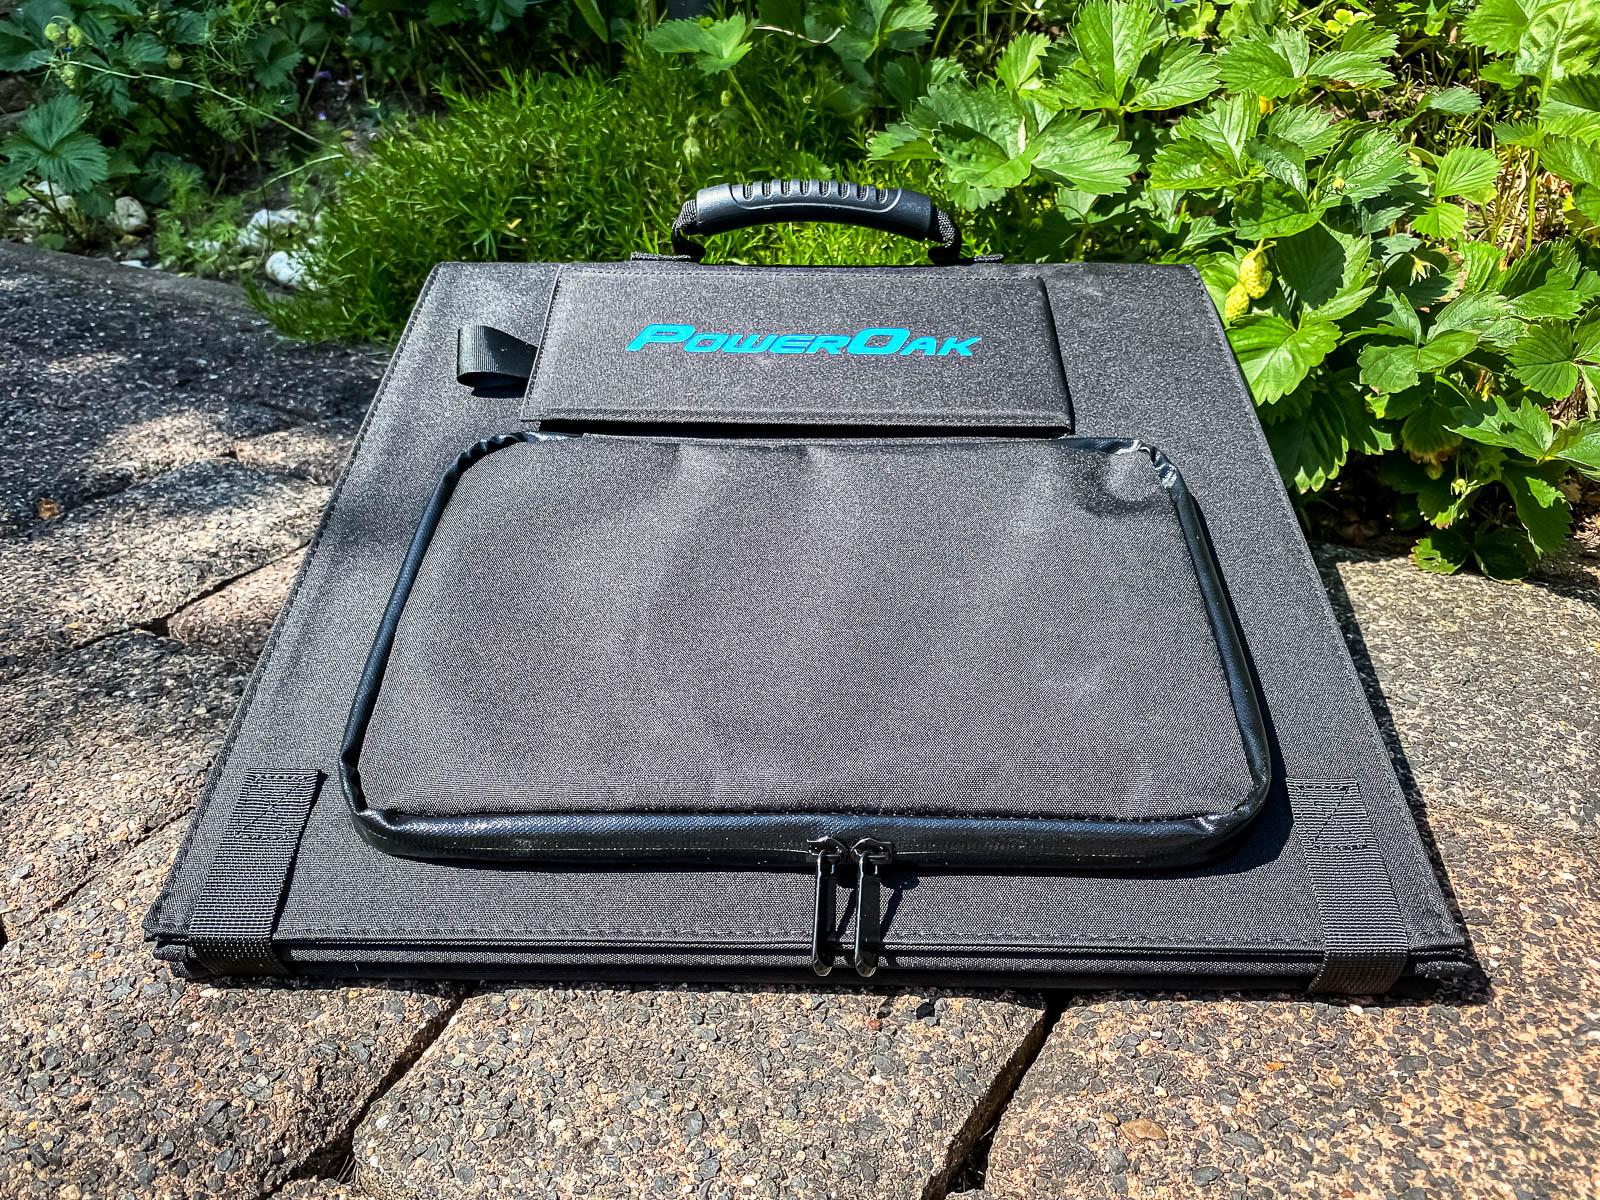 PowerOak Bluetti SP120 Solarpanel Test - Die Solartasche liegt zusammengefaltet auf dem Boden, Vorderseite